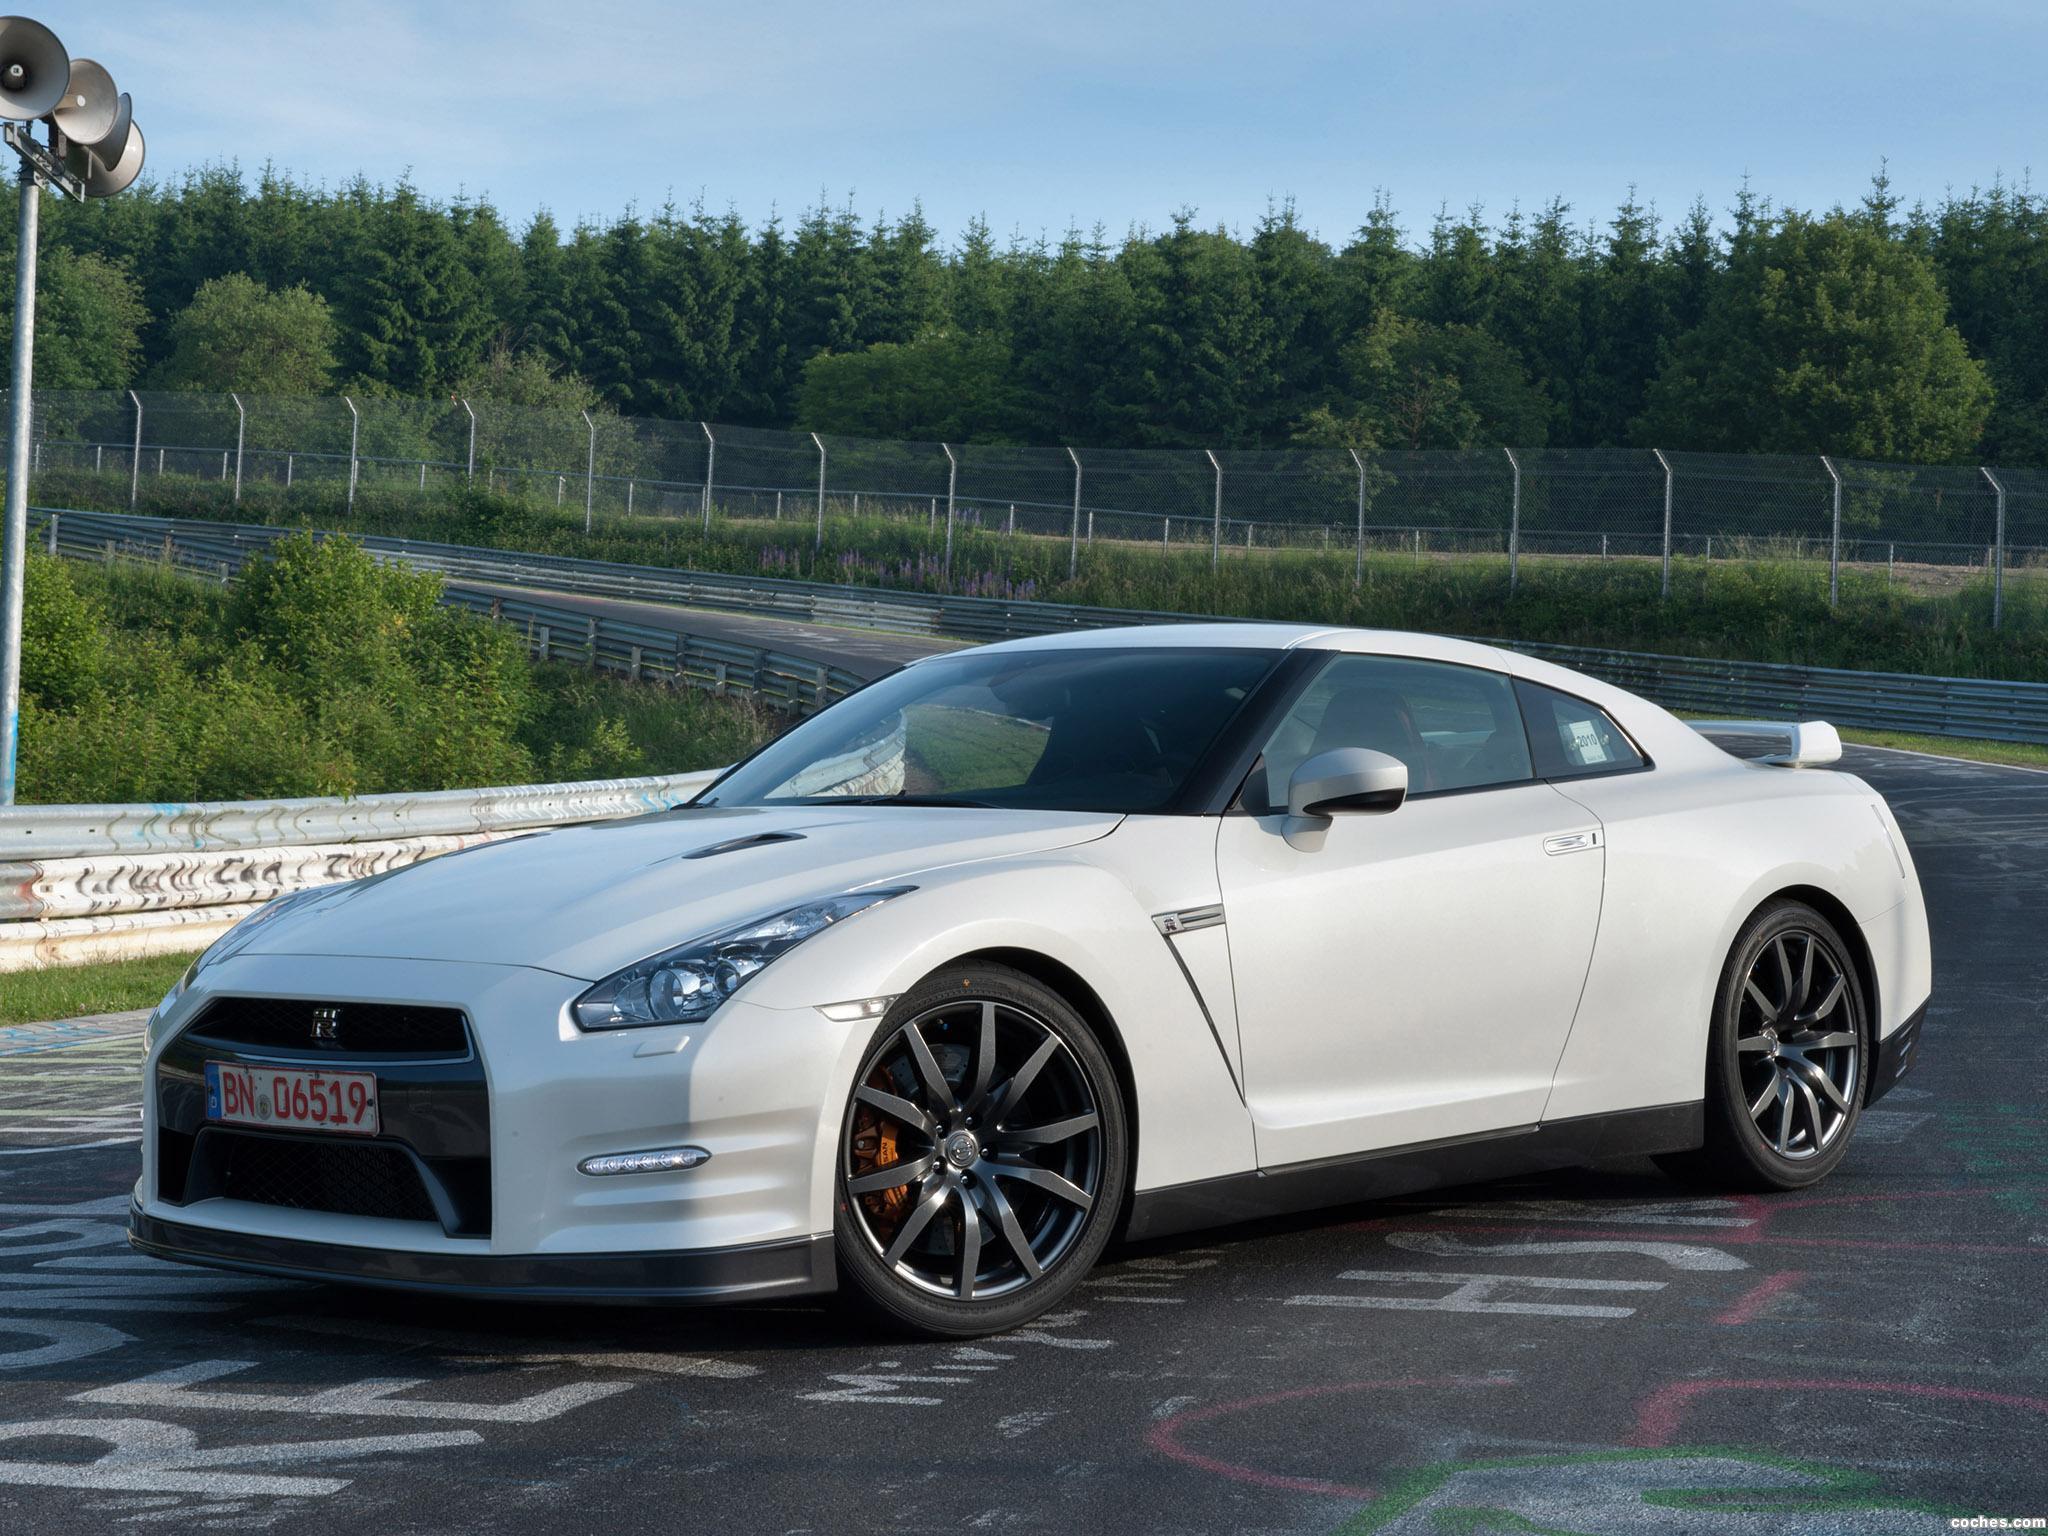 Fotos De Nissan Gt R 2010